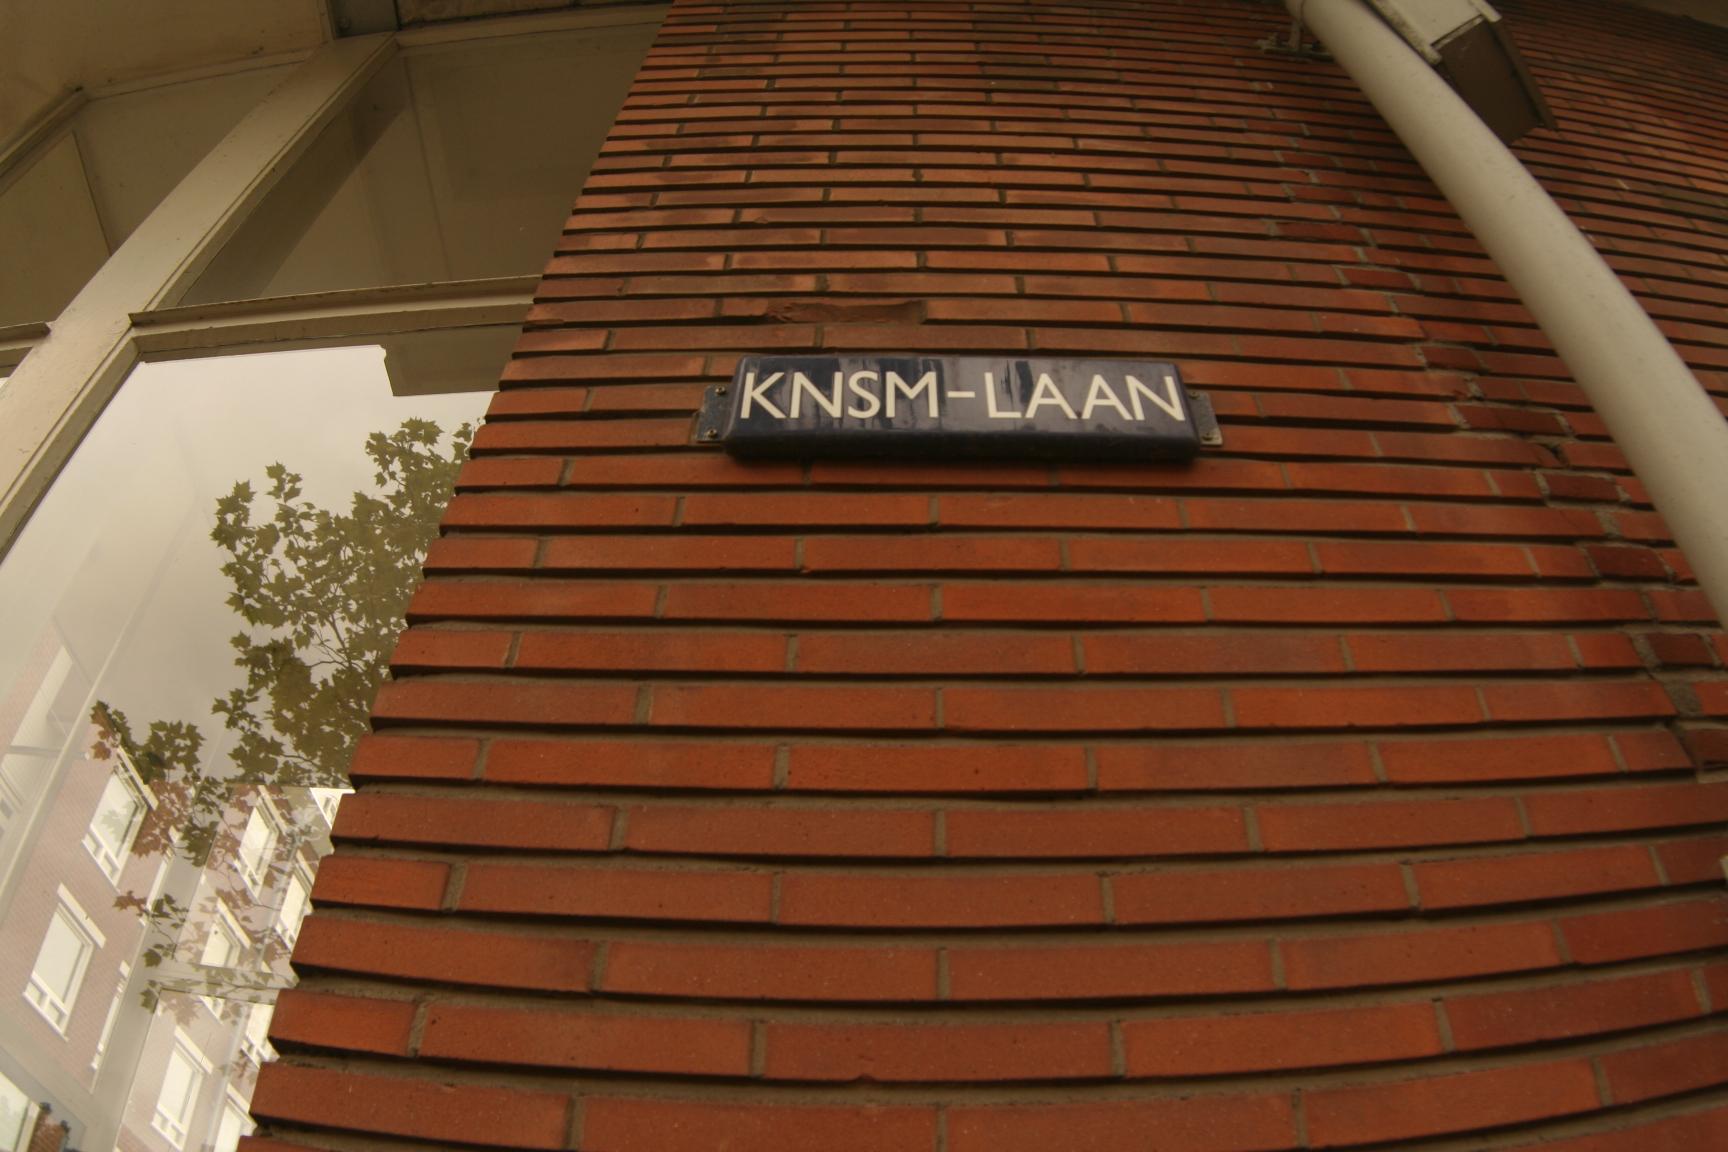 Knsm-laan alebo nech žijú štyri spoluhlásky za sebou!